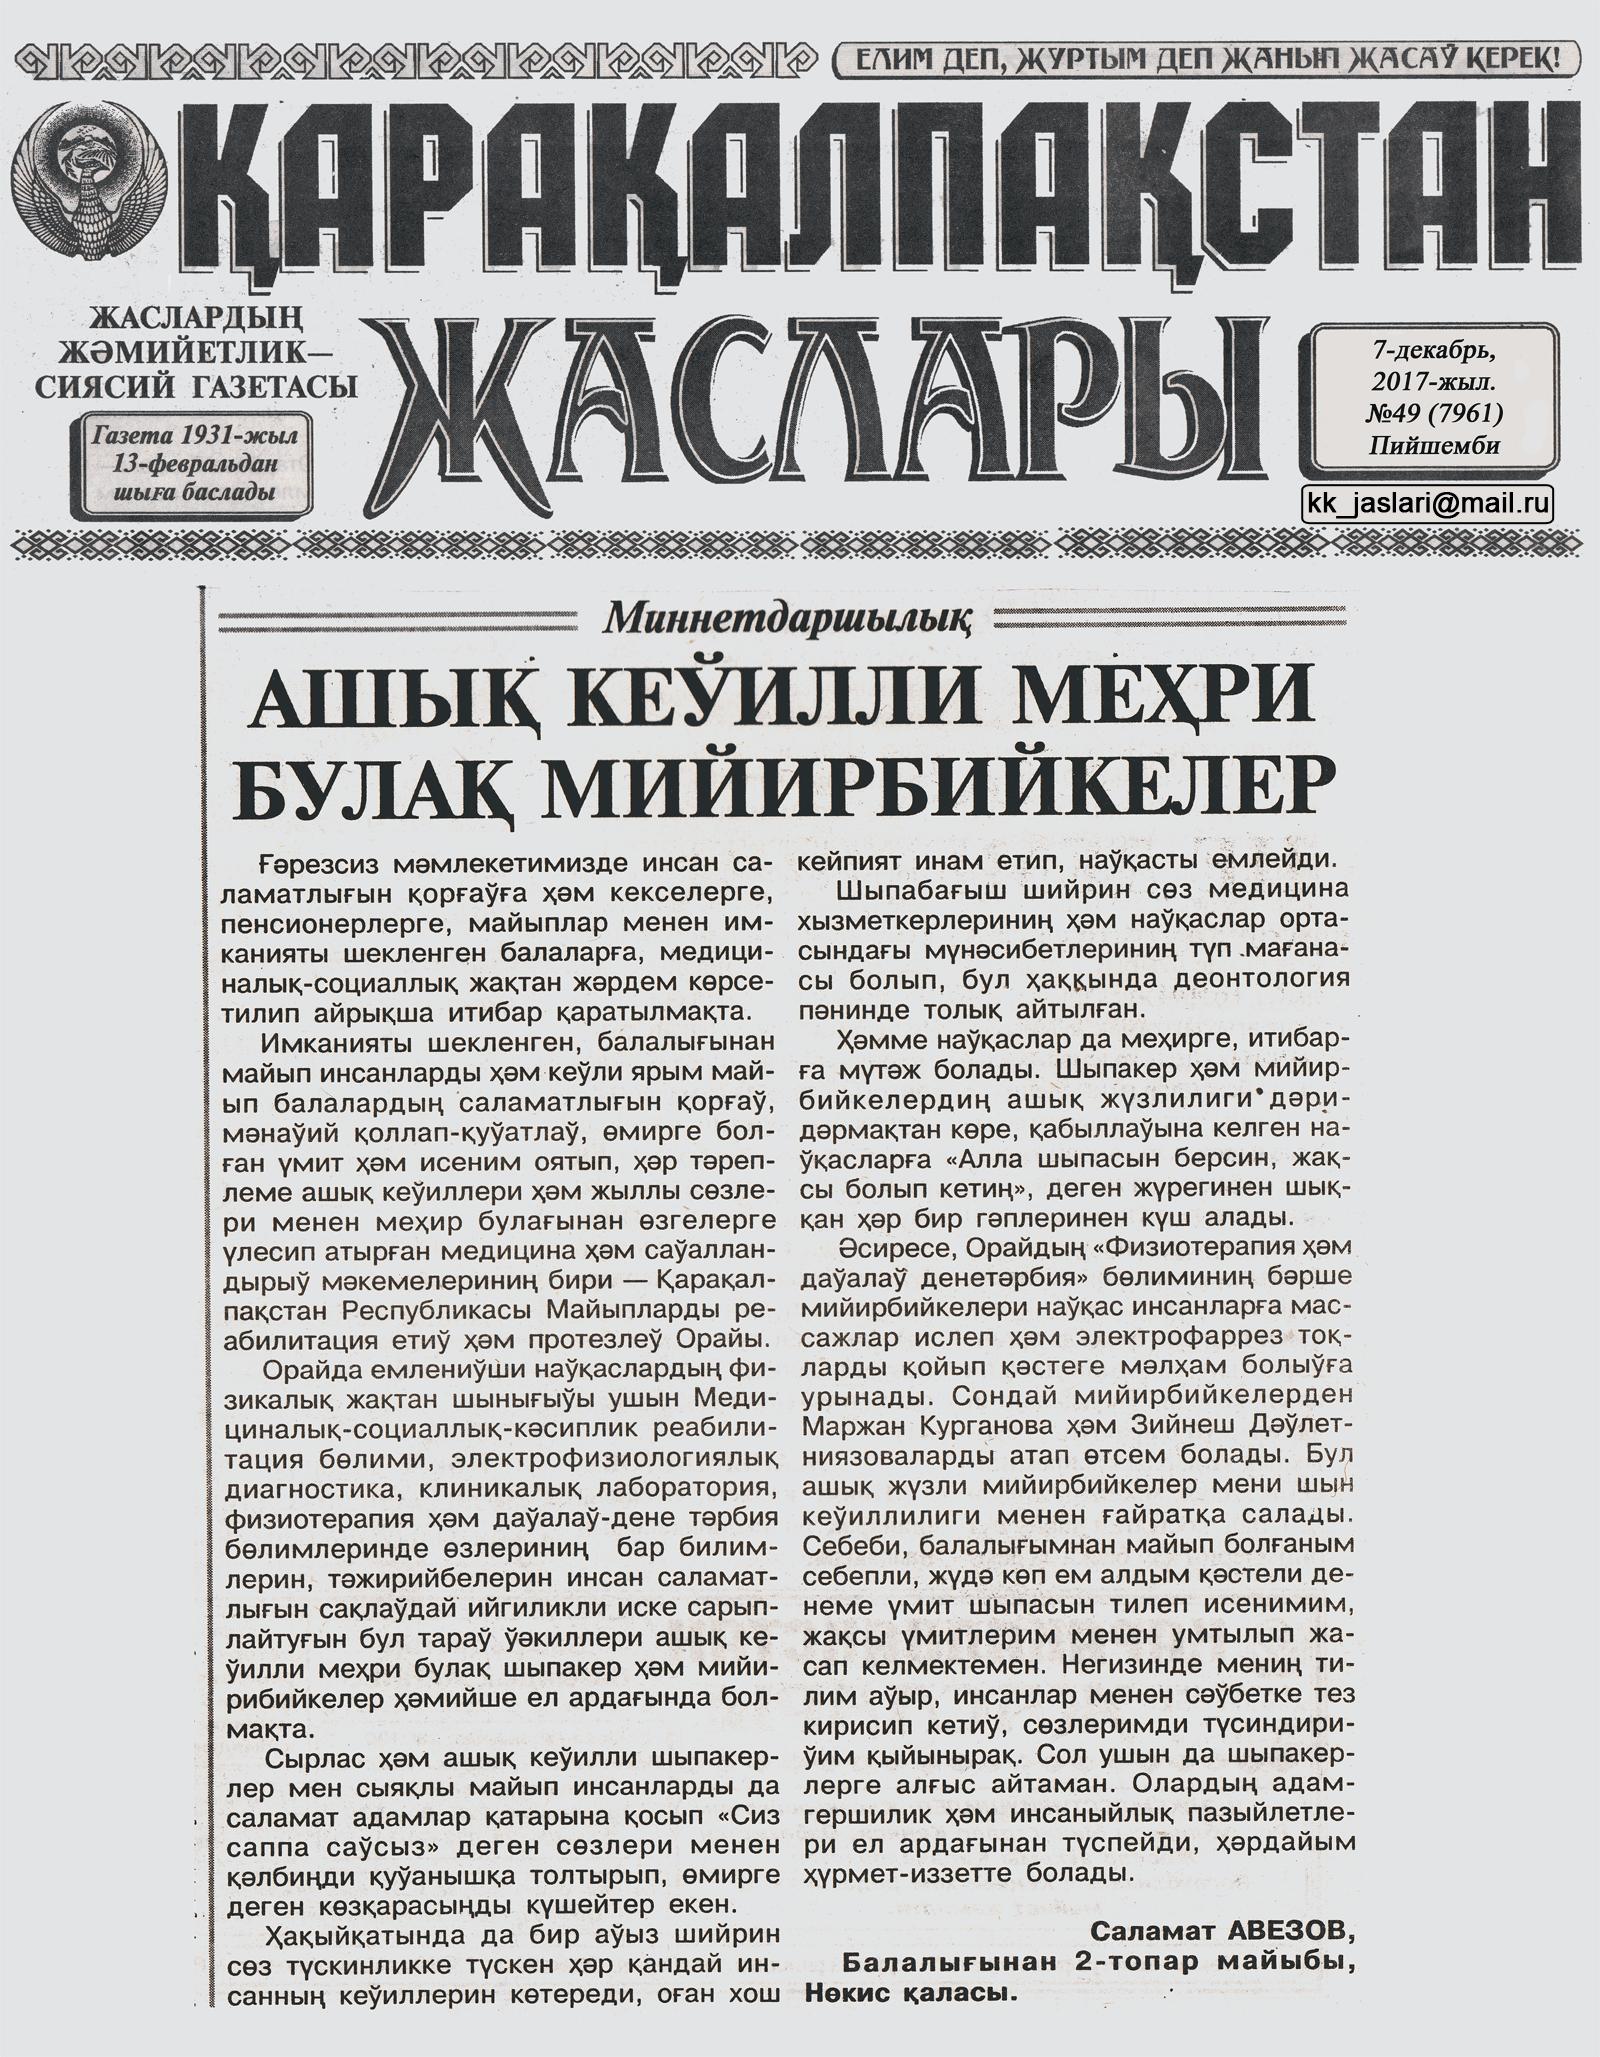 «Қарақалпақстан жаслары» газетасы 7-декабрь, 2017-жыл. №49 (7961)